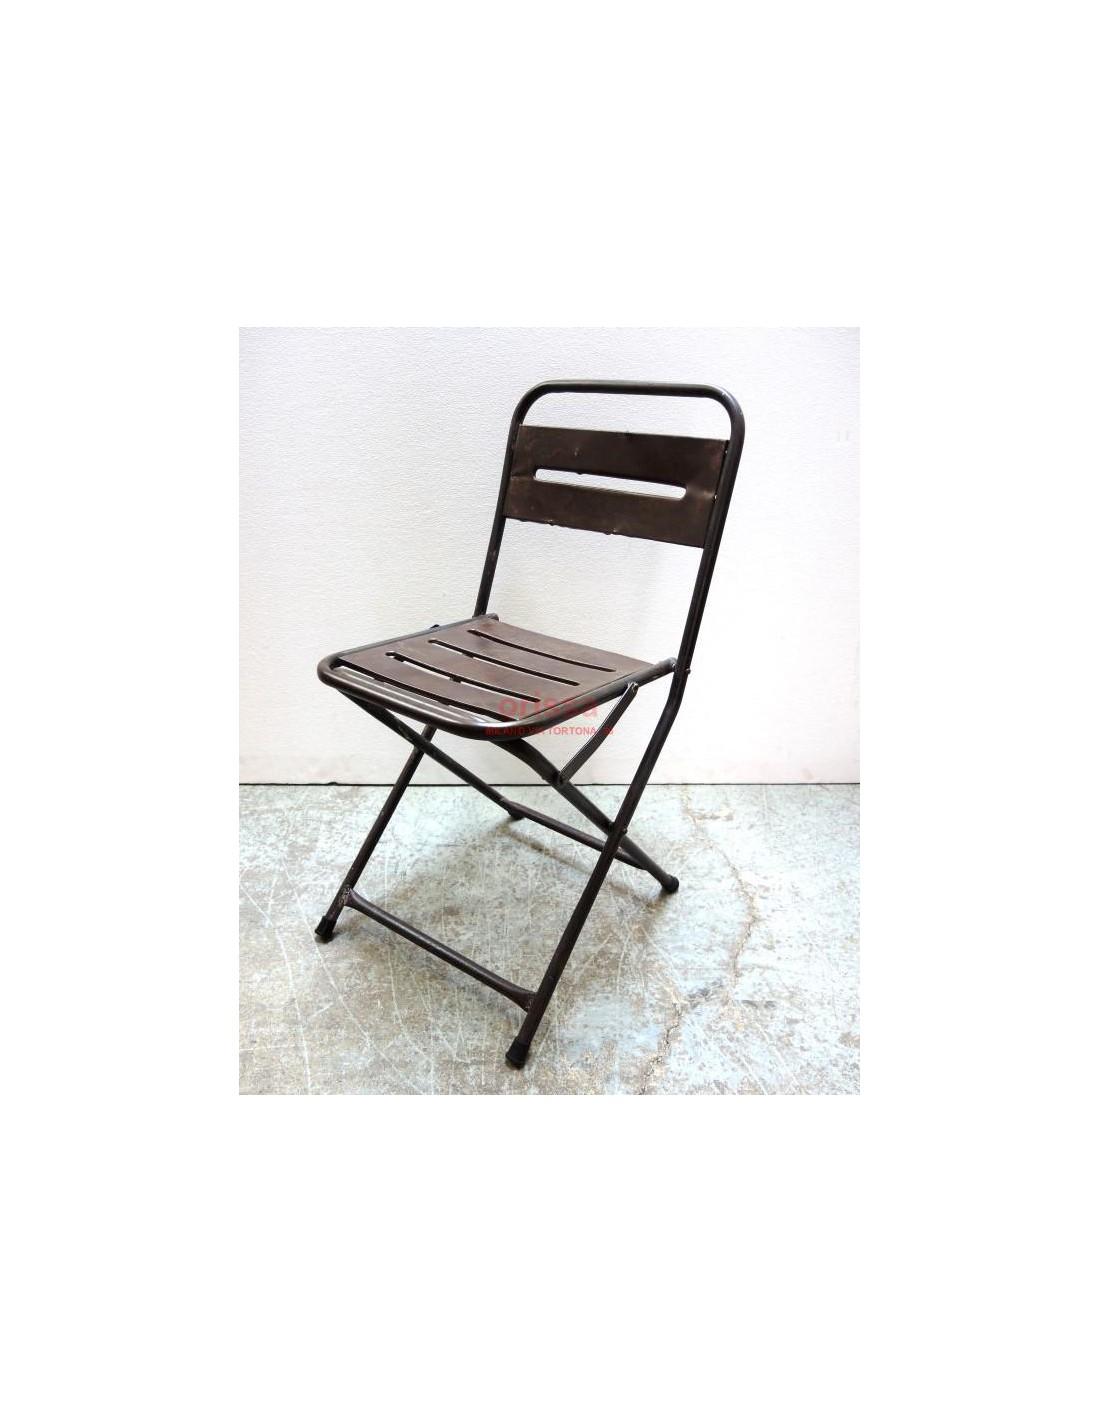 Sedie In Ferro Pieghevoli.Sedia In Ferro Pieghevole Cole0182 Orissa Milano